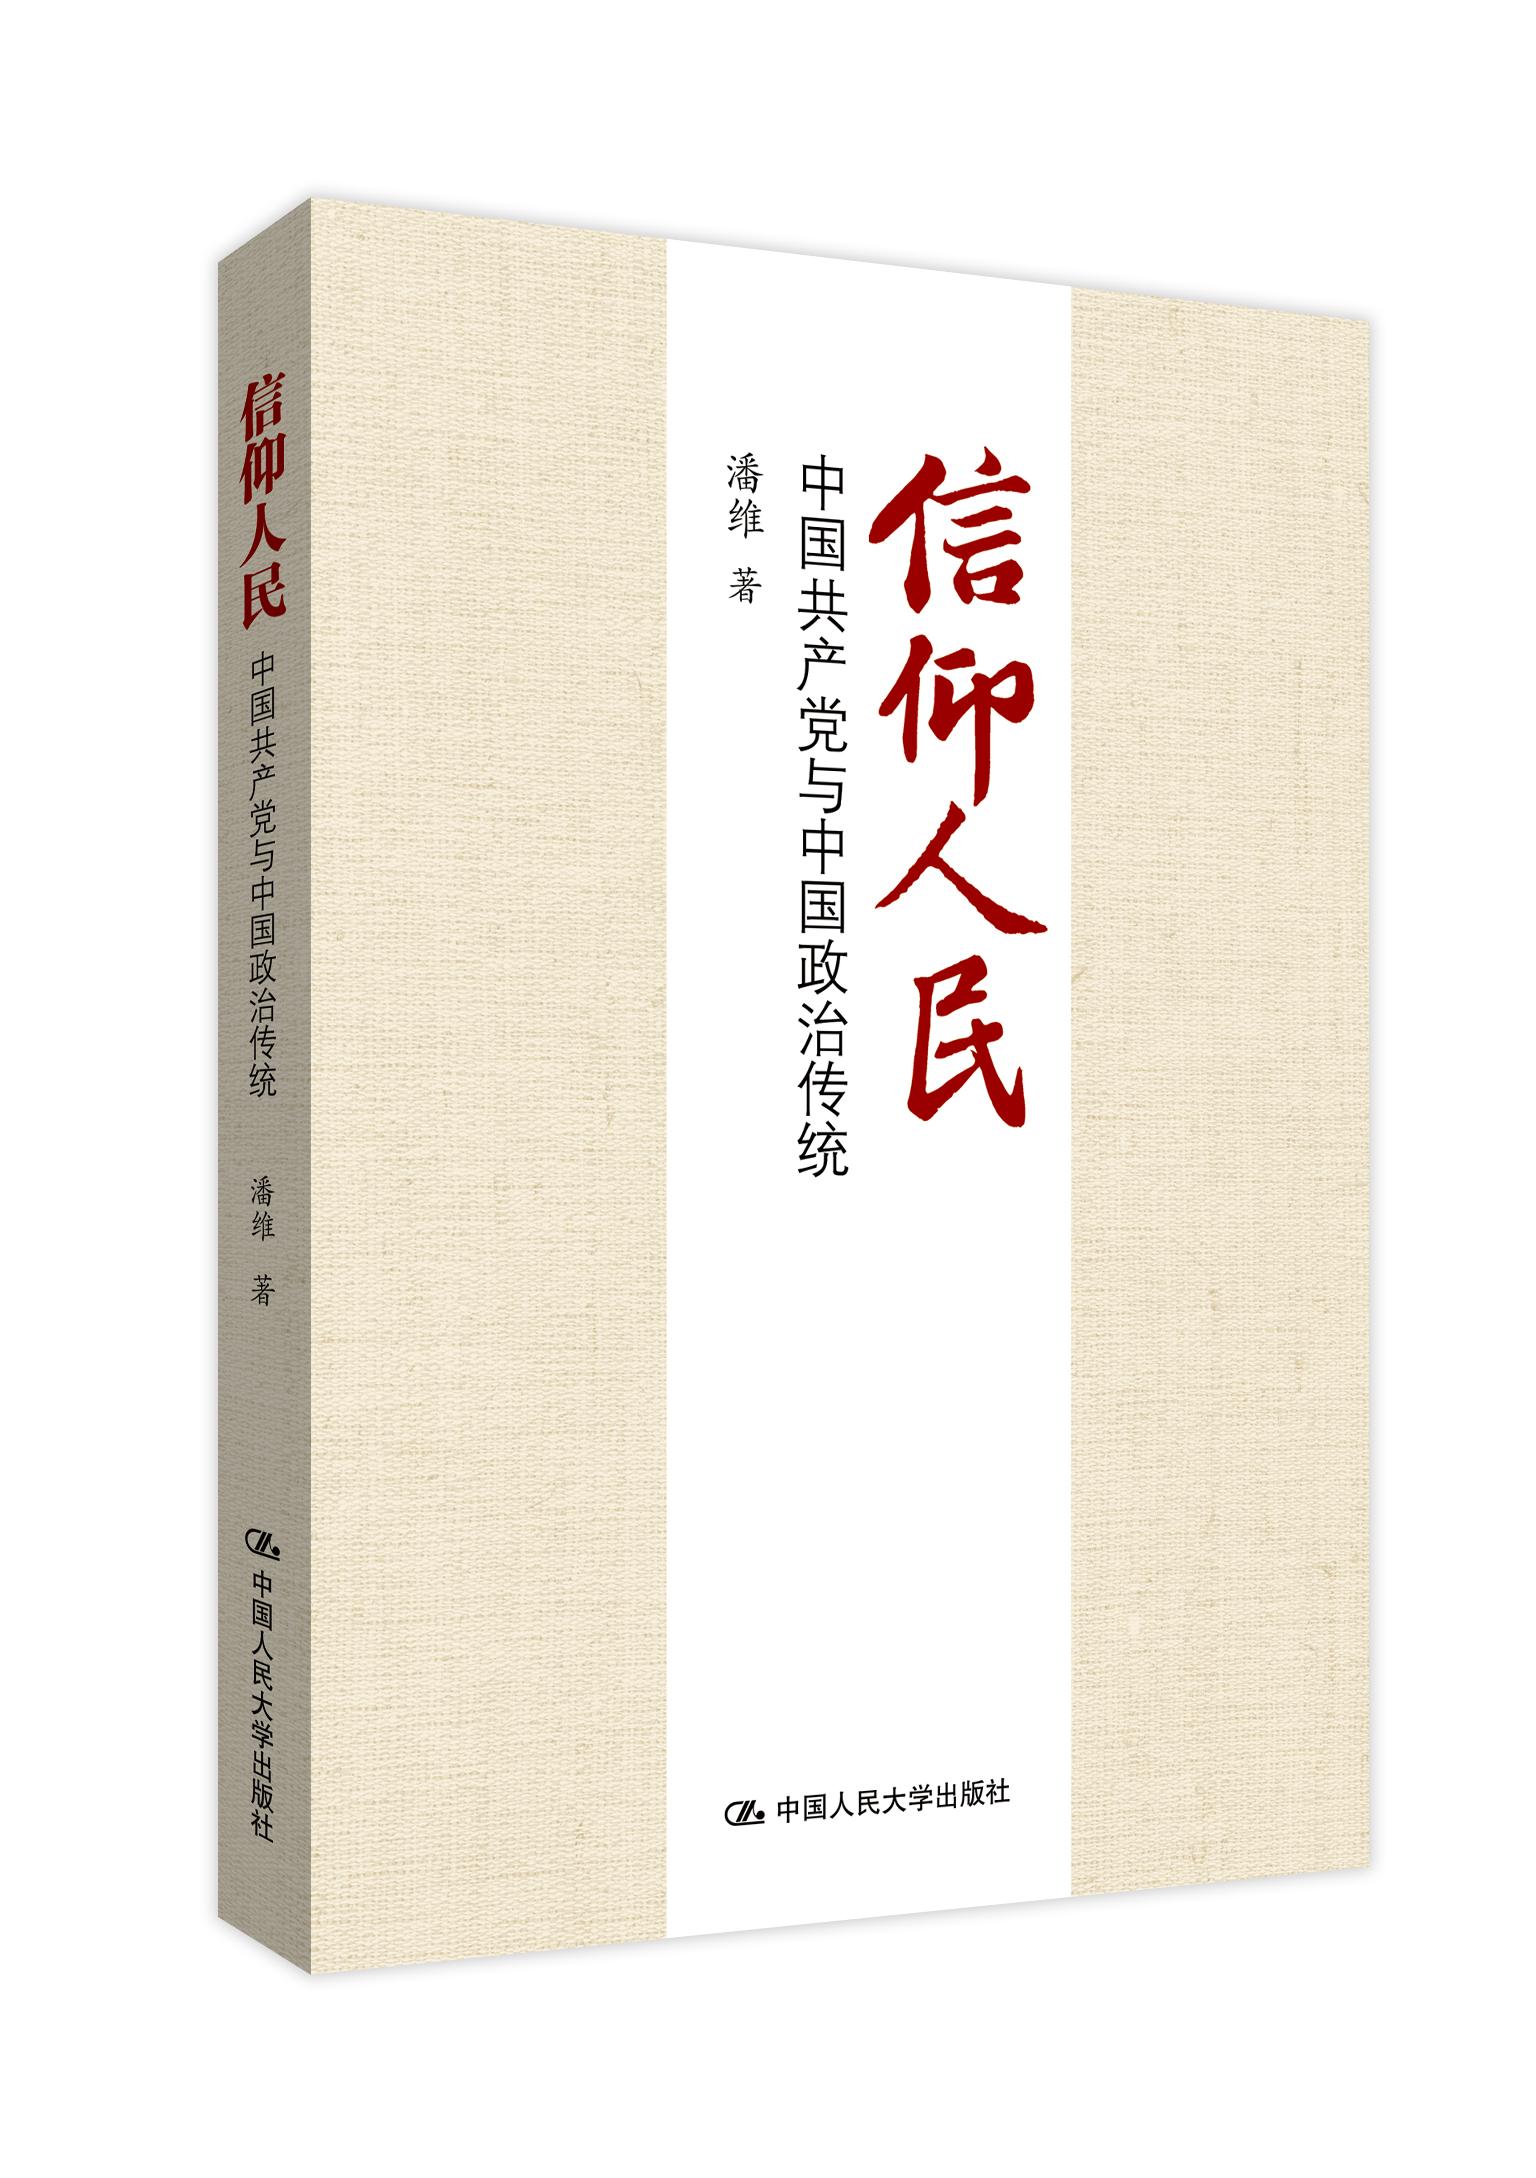 """""""新时期群众路线""""暨潘维教授新著《信仰人民》学术研讨会成功开展"""